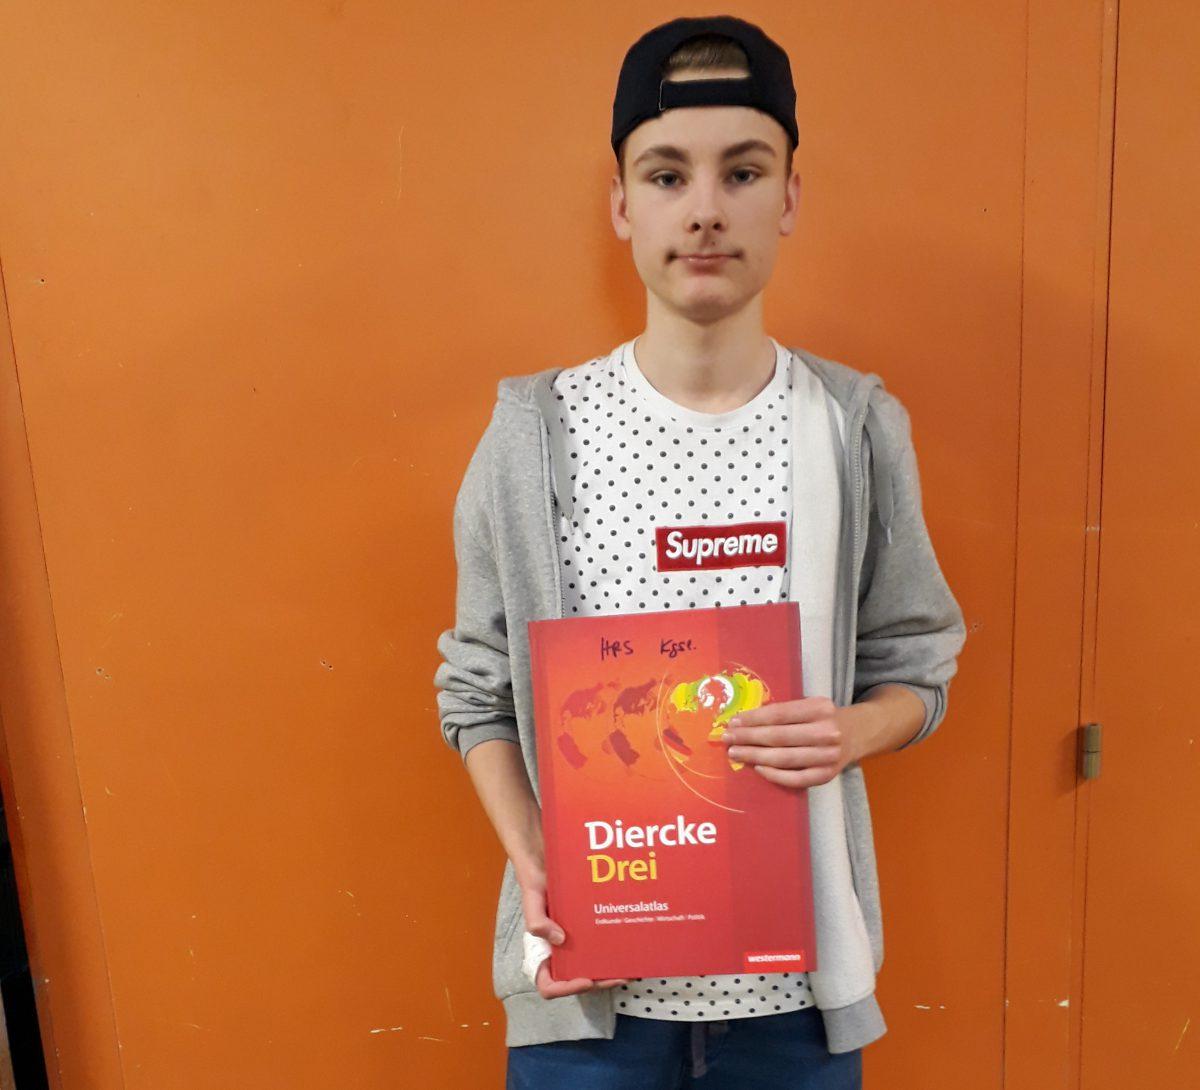 Timo Pabst aus der Klasse 9a setzte sich beim Geografie-Wettbewerb der Haupt- und Realschule Königslutter gegen seine Mitschüler durch. Er hat nun die große Chance, bester Erdkunde-Schüler Deutschlands zu werden.